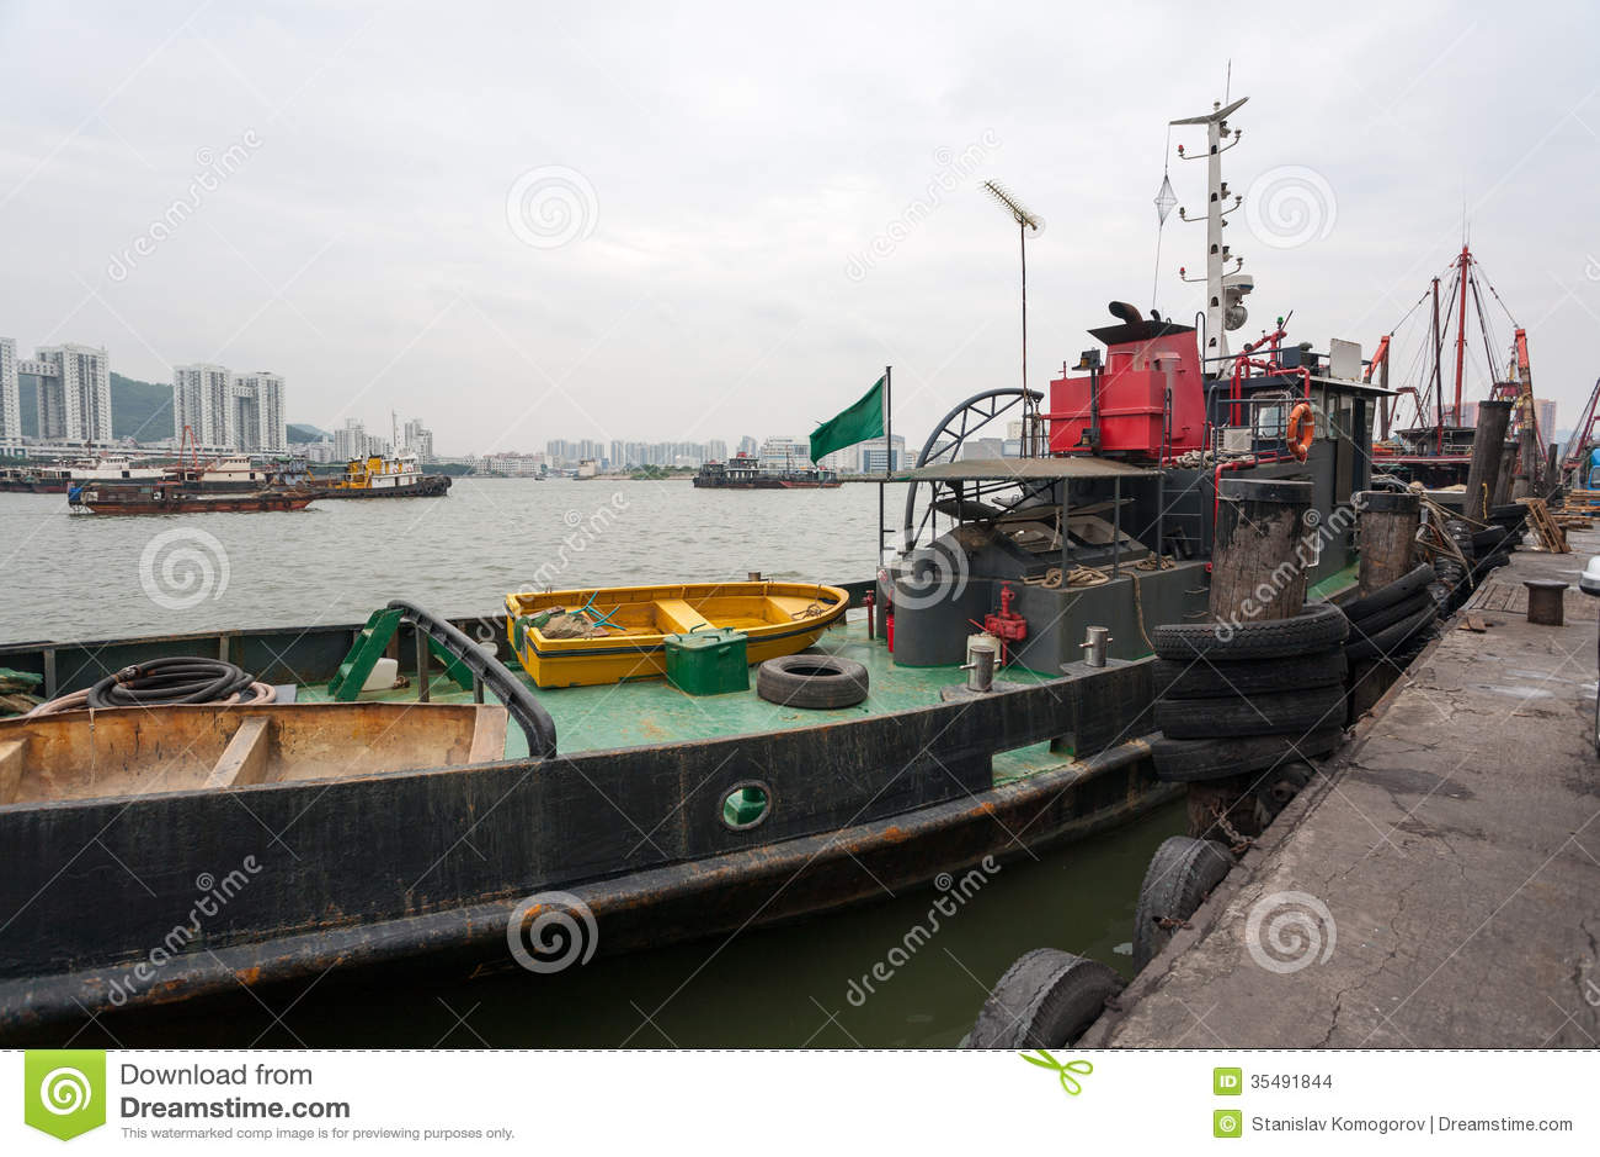 Bogserbåten och fiskeskyttlar är på hytten i porten av Macao.